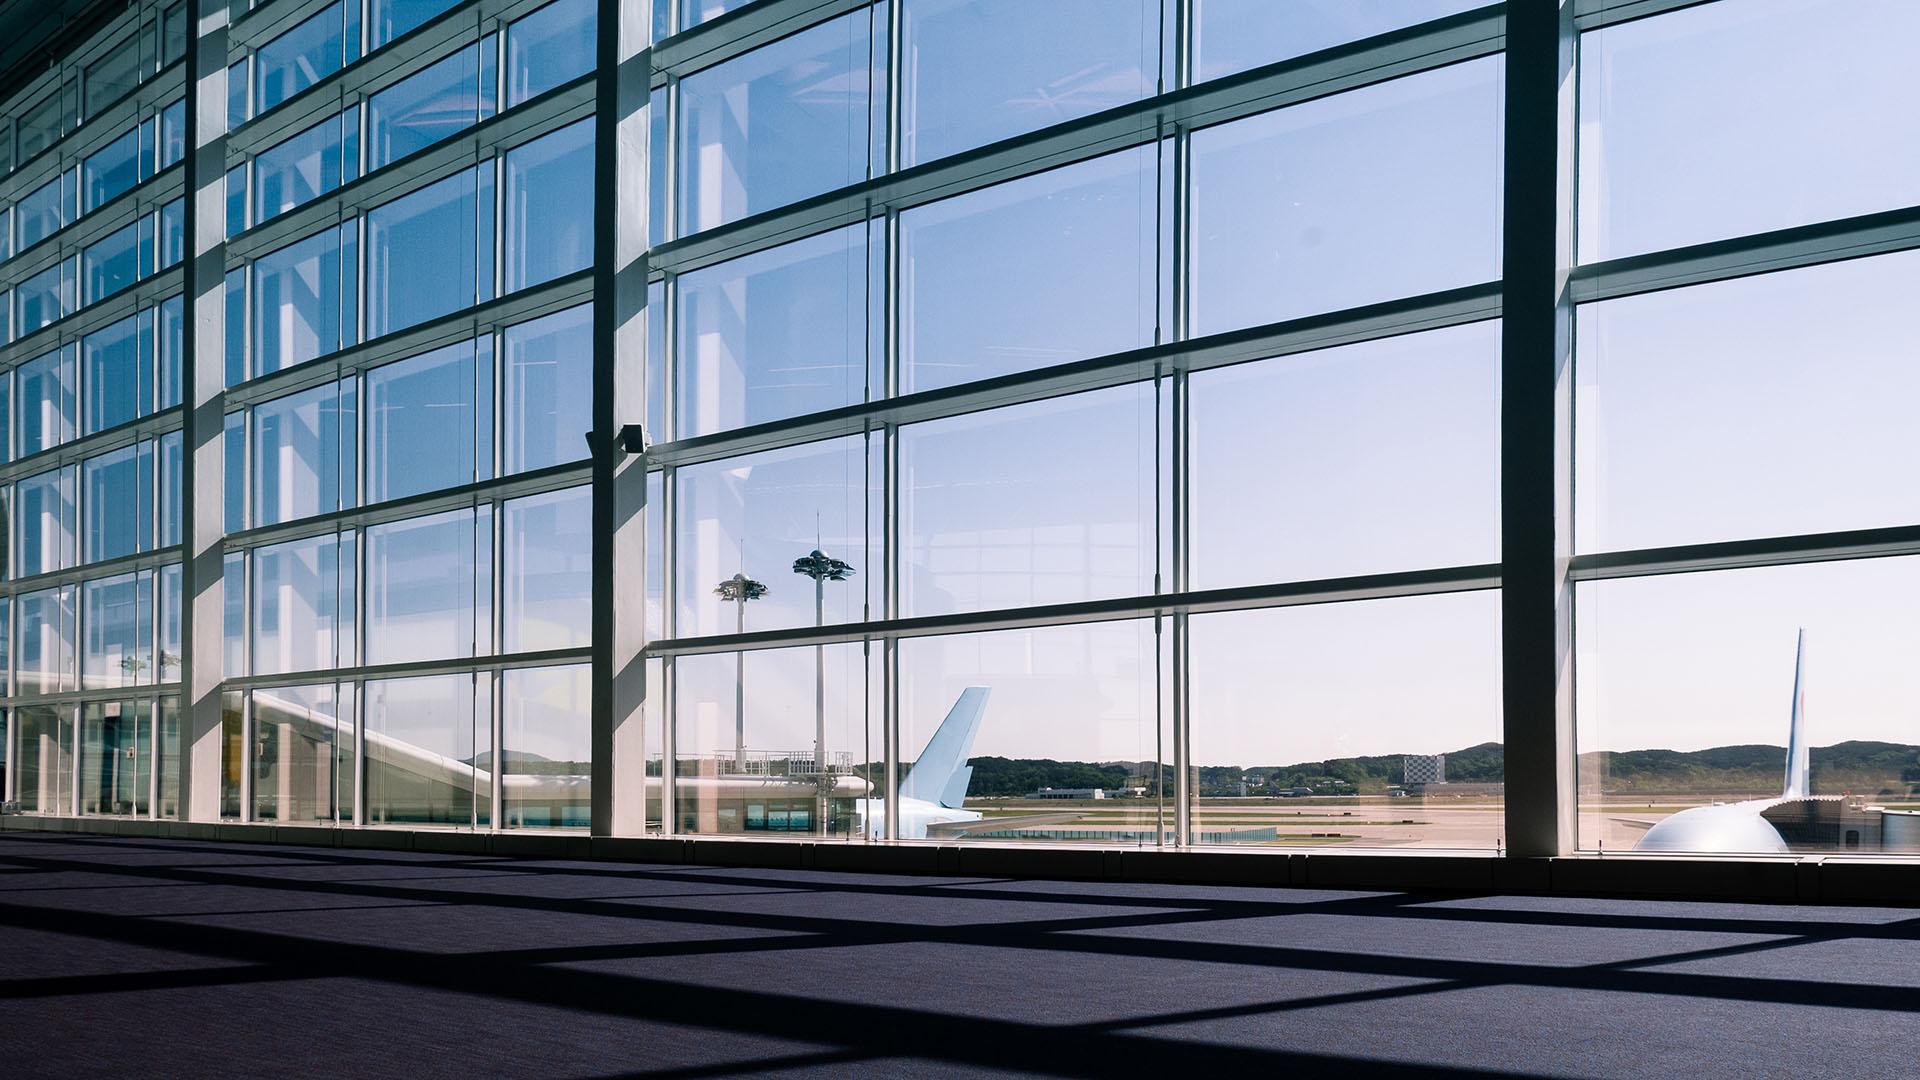 Fenster-Begutachtung von acham ZT, Voitsberg